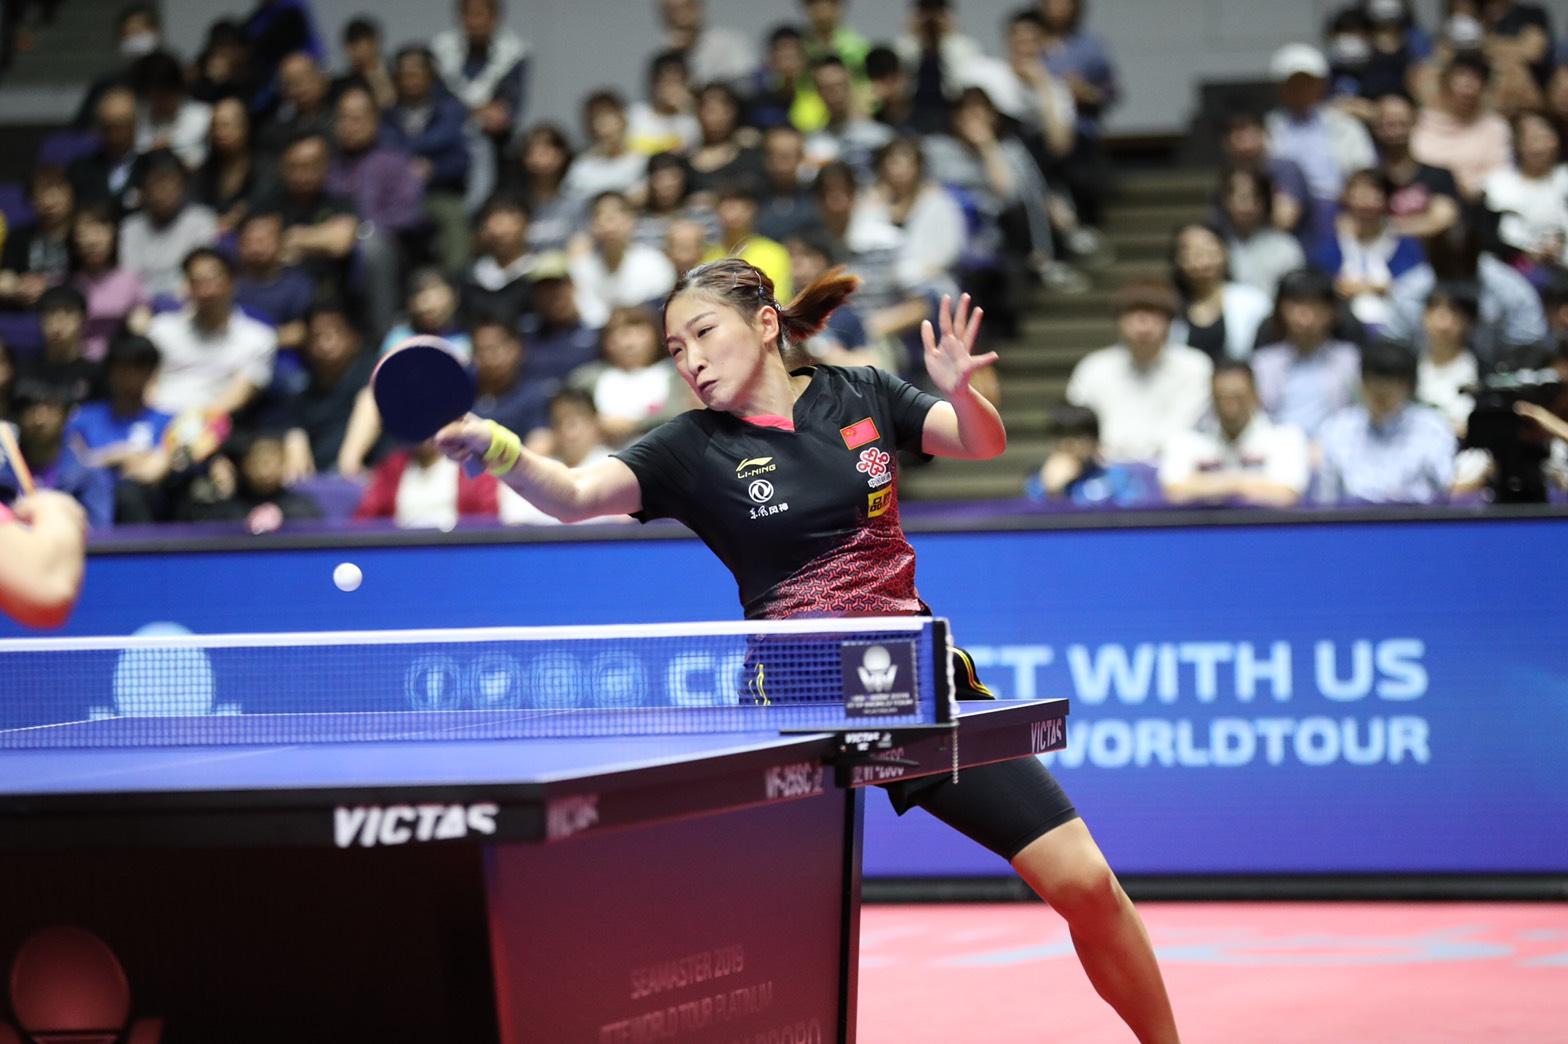 卓球 ジャパンオープン 札幌大会 孫穎莎 劉詩雯  VICTAS  女子シングルス 決勝